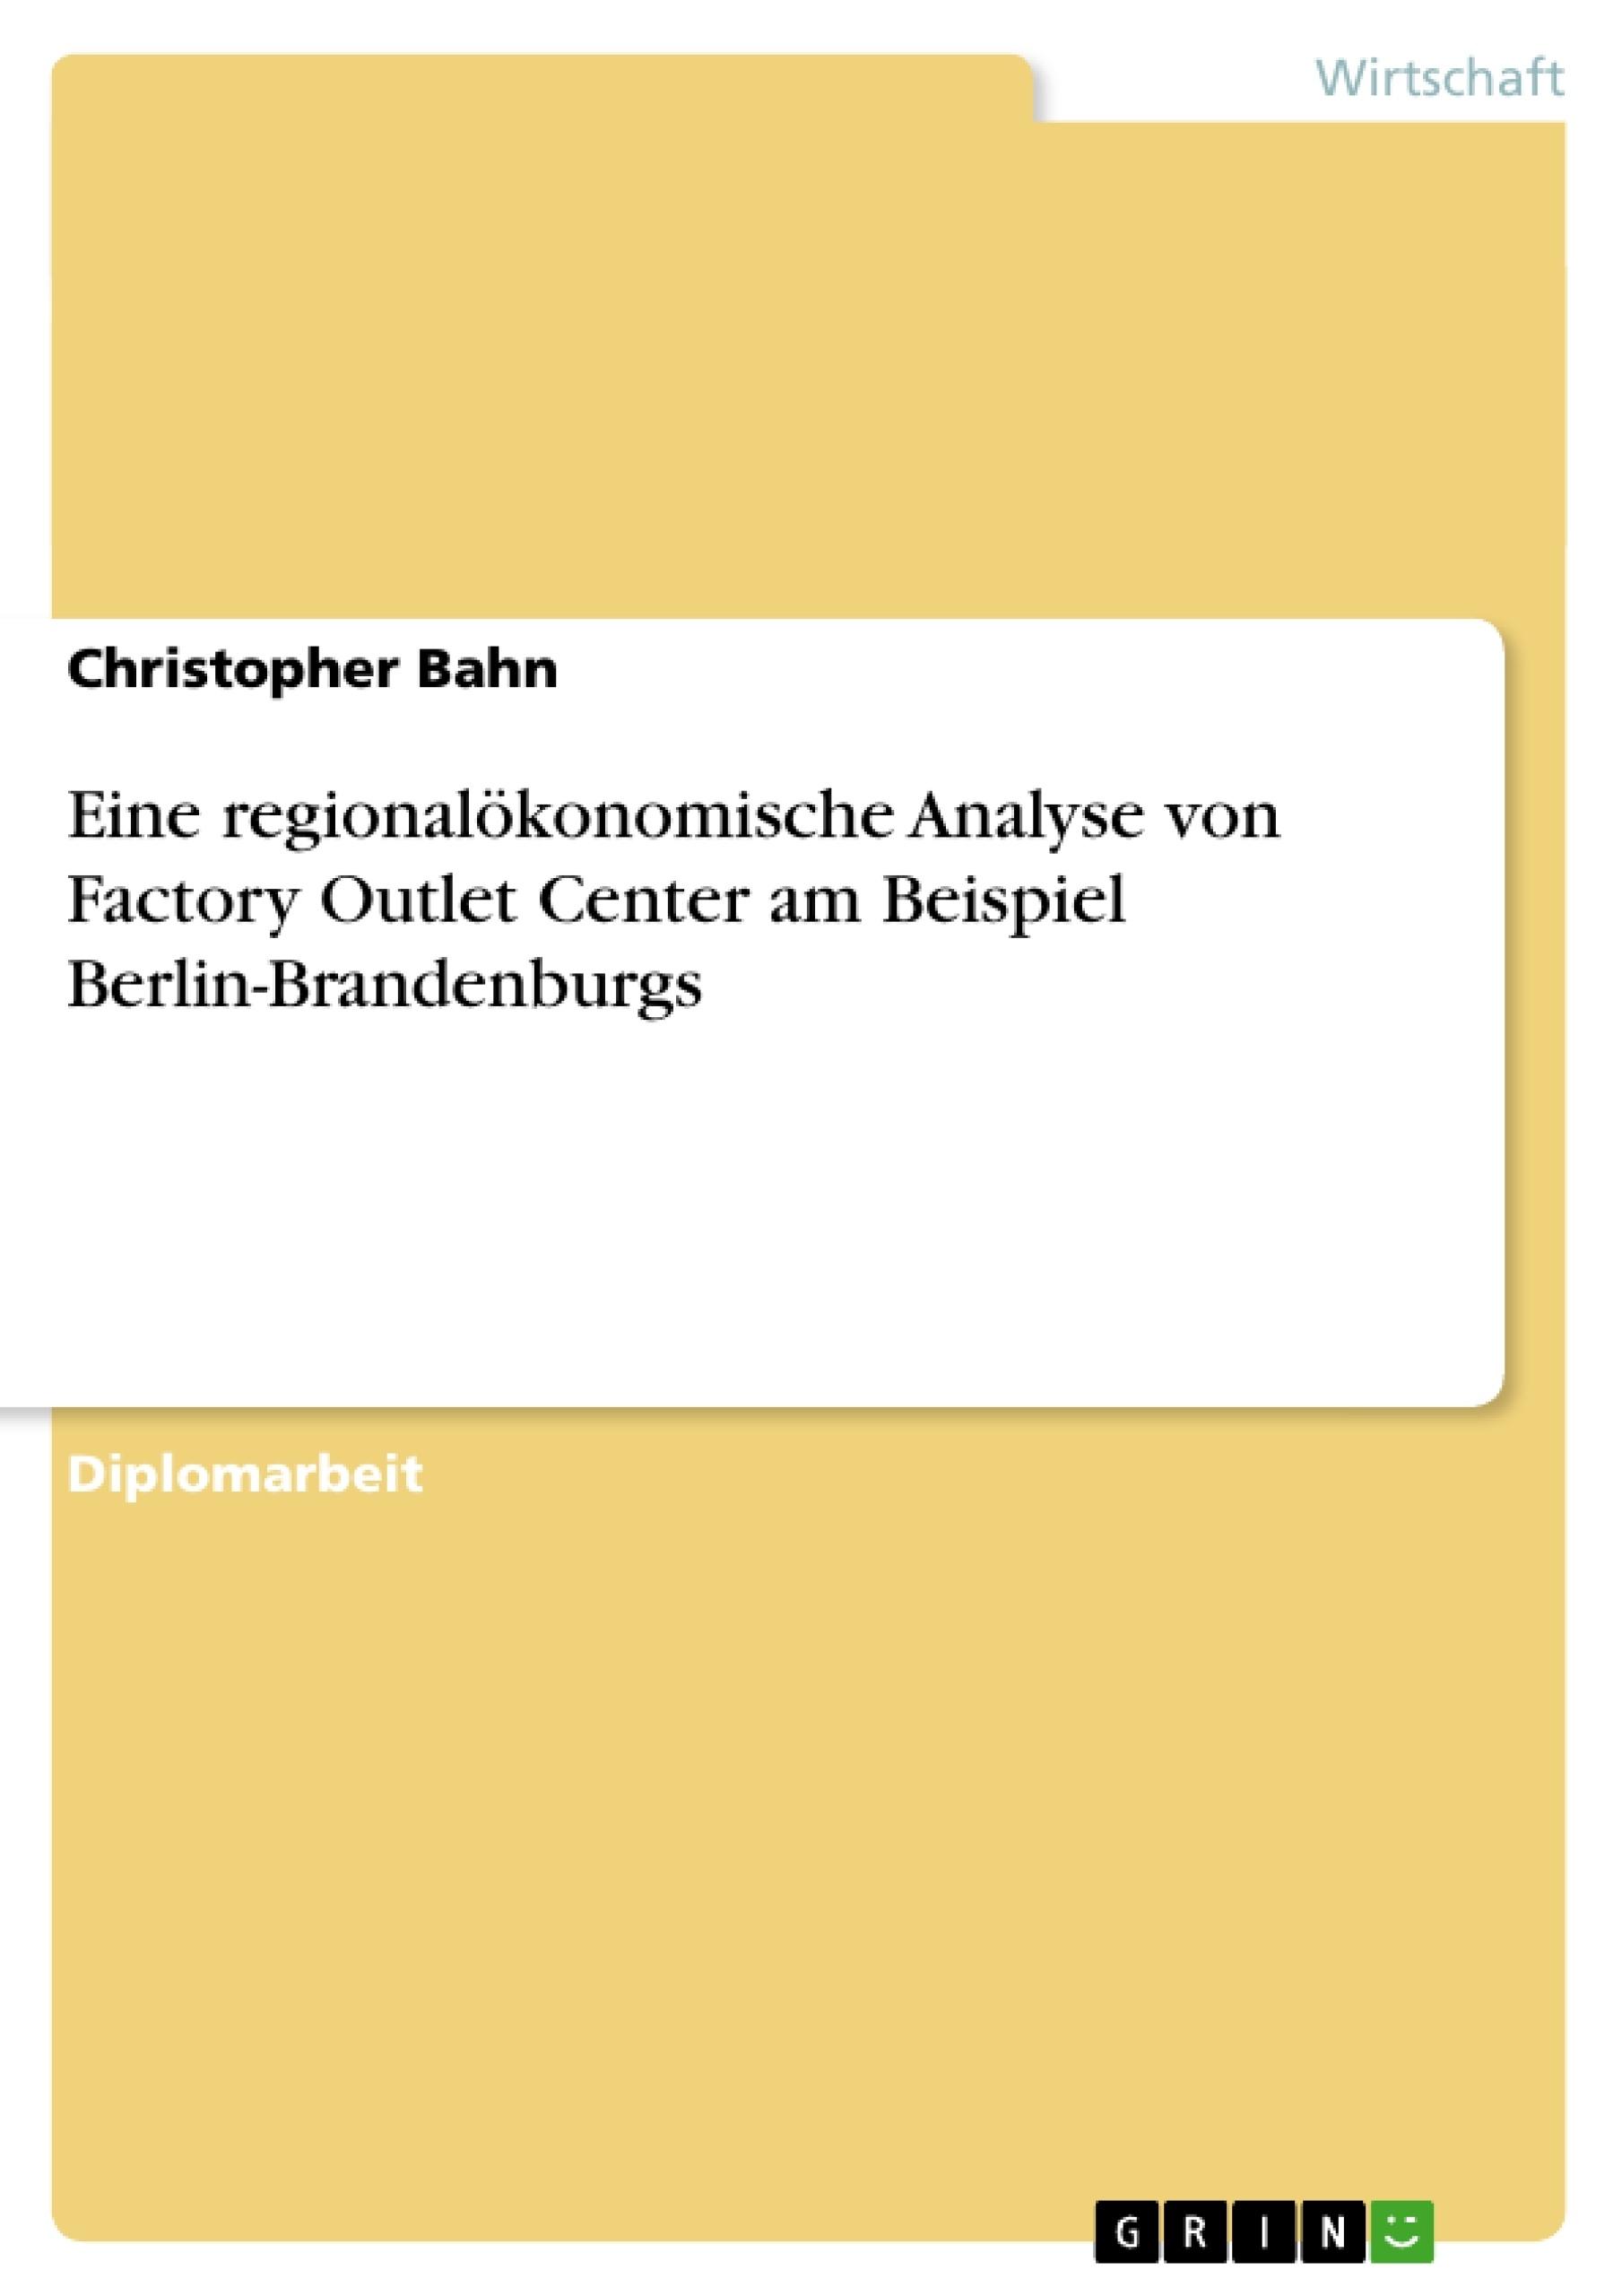 Titel: Eine regionalökonomische Analyse von Factory Outlet Center am Beispiel Berlin-Brandenburgs